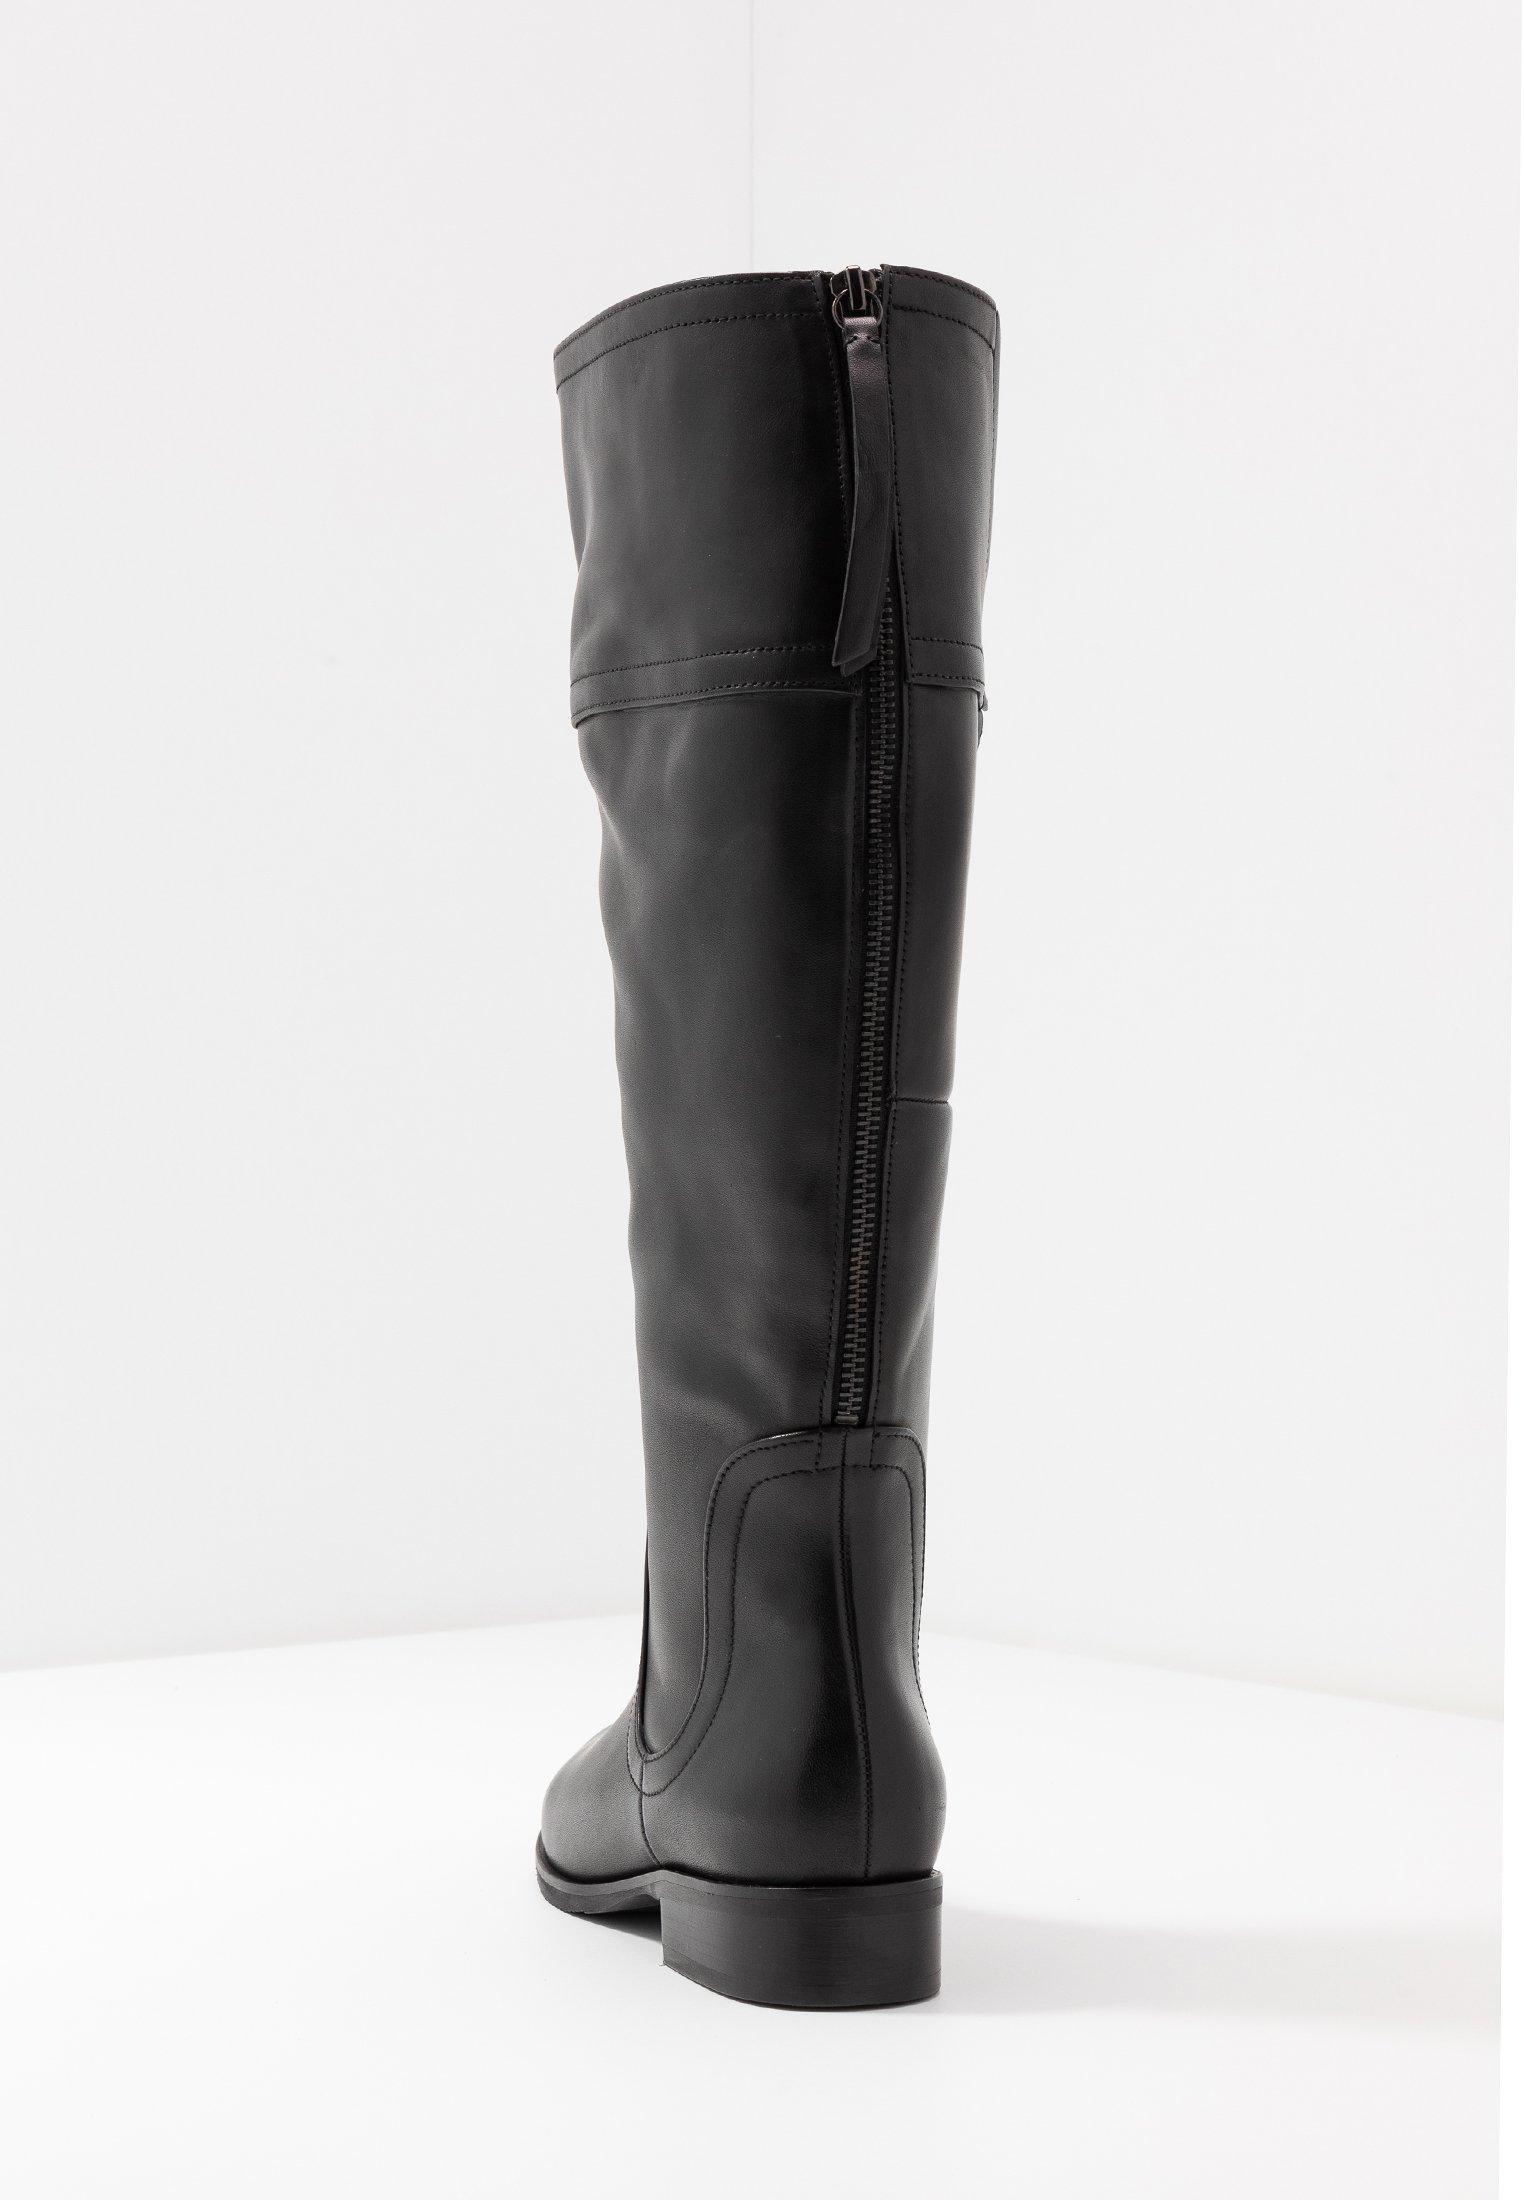 WIDE FIT Stiefel schwarz